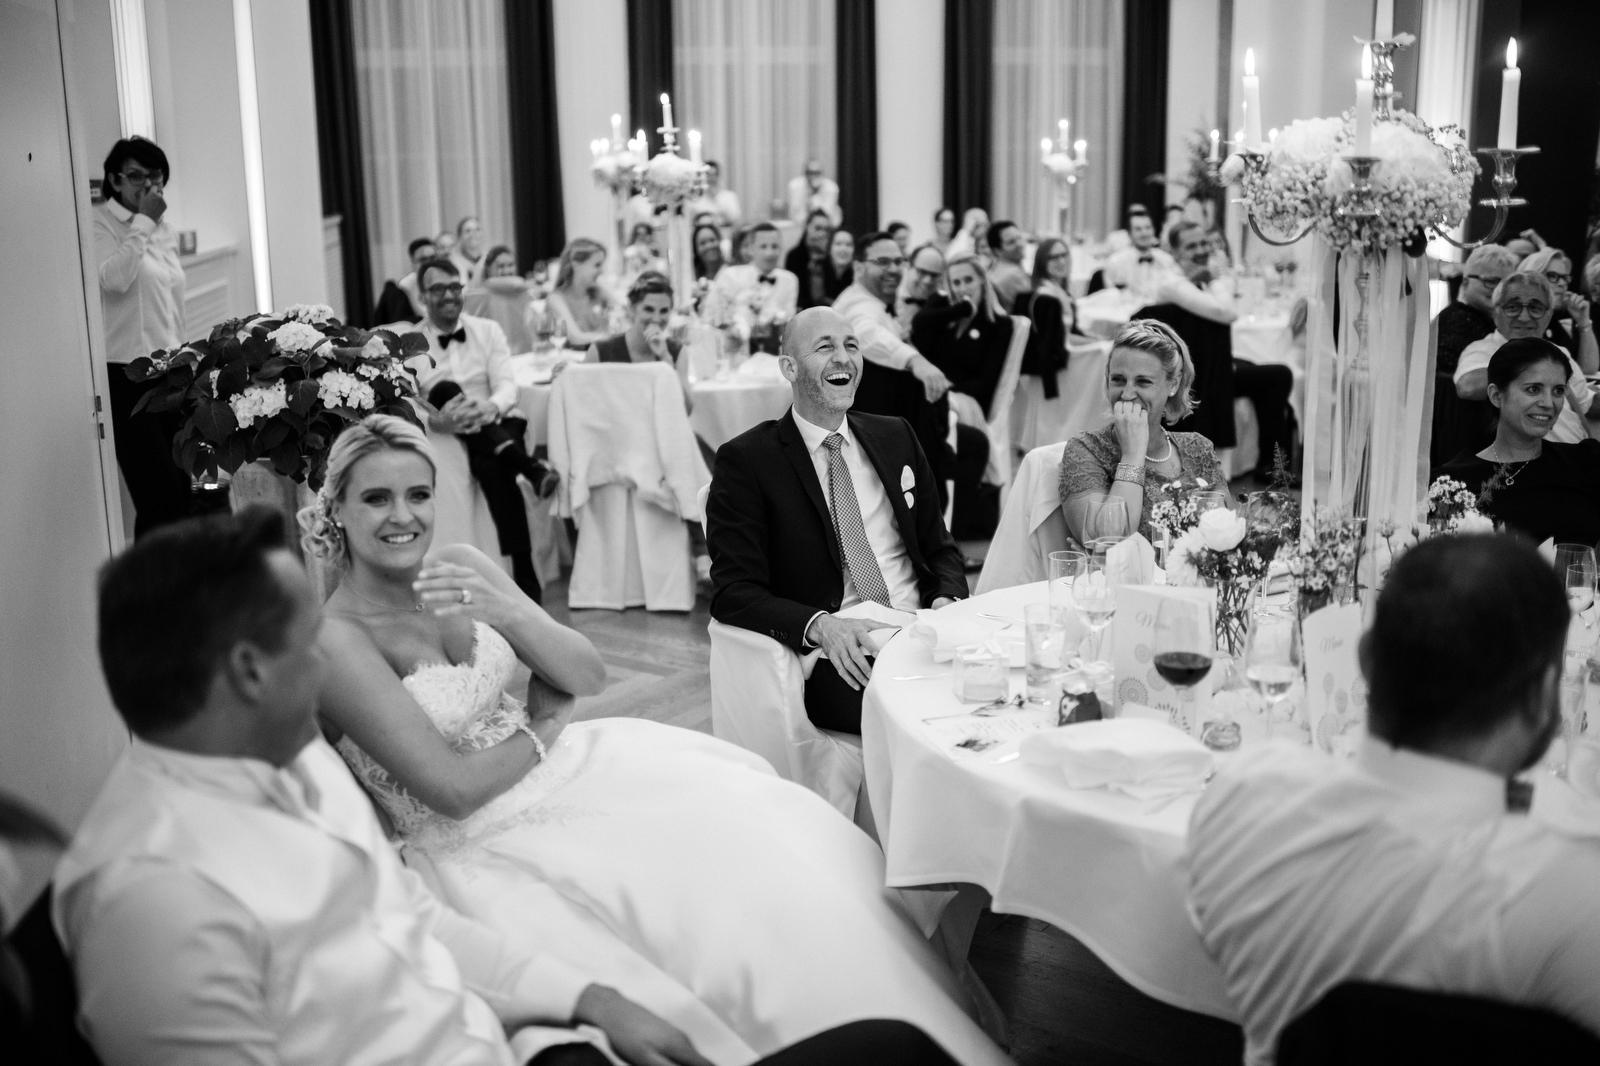 Fotograf Konstanz - Luxus Hochzeit Fotograf Grand Resort Bad Ragaz Schweiz Lichtenstein 187 - Destination wedding at the Grand Resort Bad Ragaz, Swiss  - 200 -